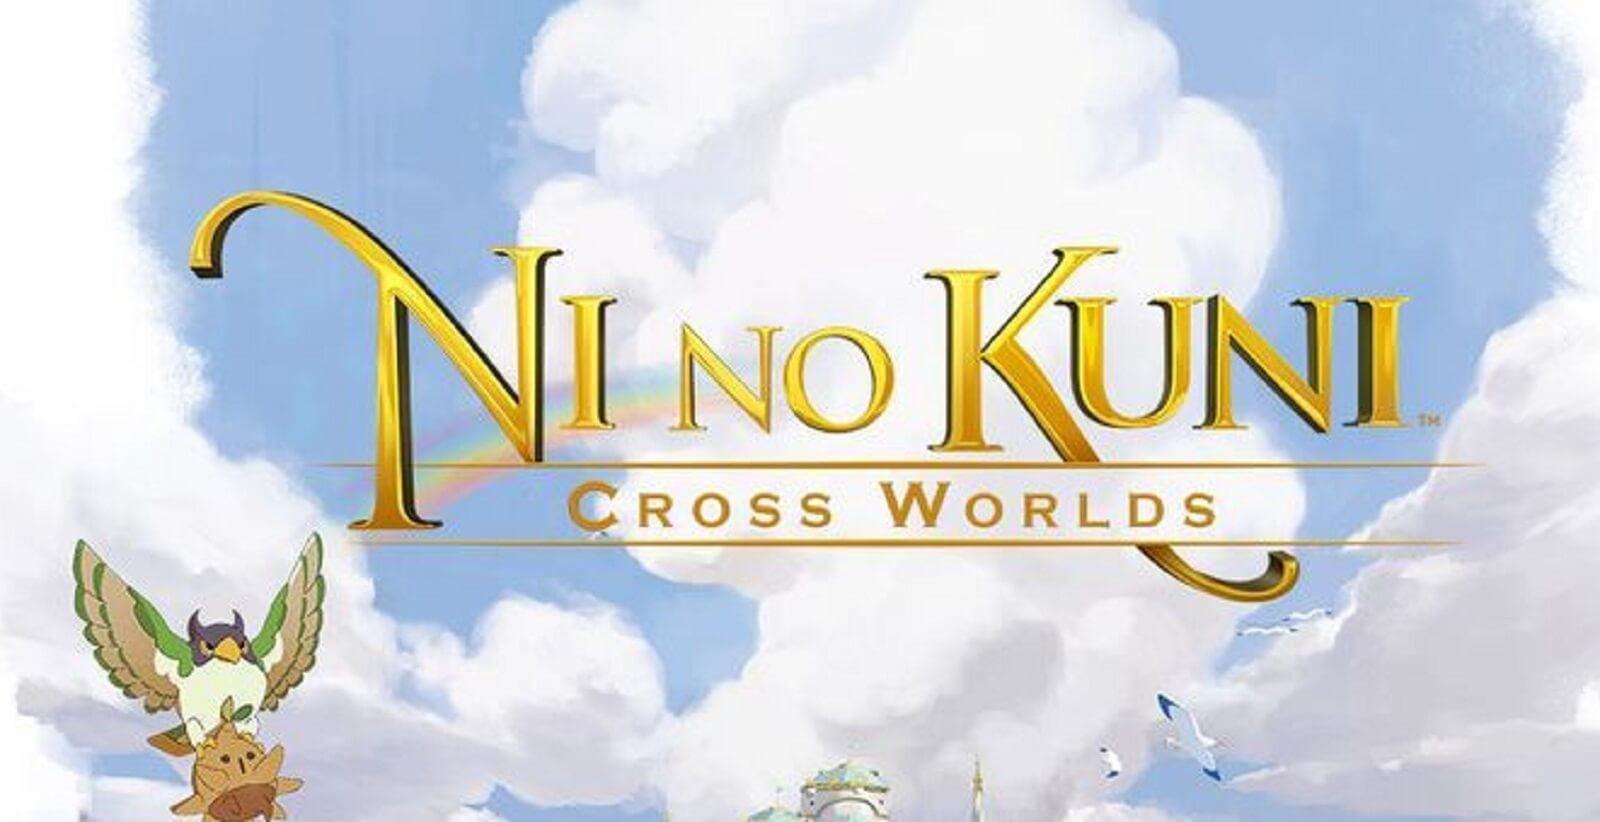 二ノ国、アプリゲーム版も音楽やグラフィックが素晴らしいハイクオリティーなRPG